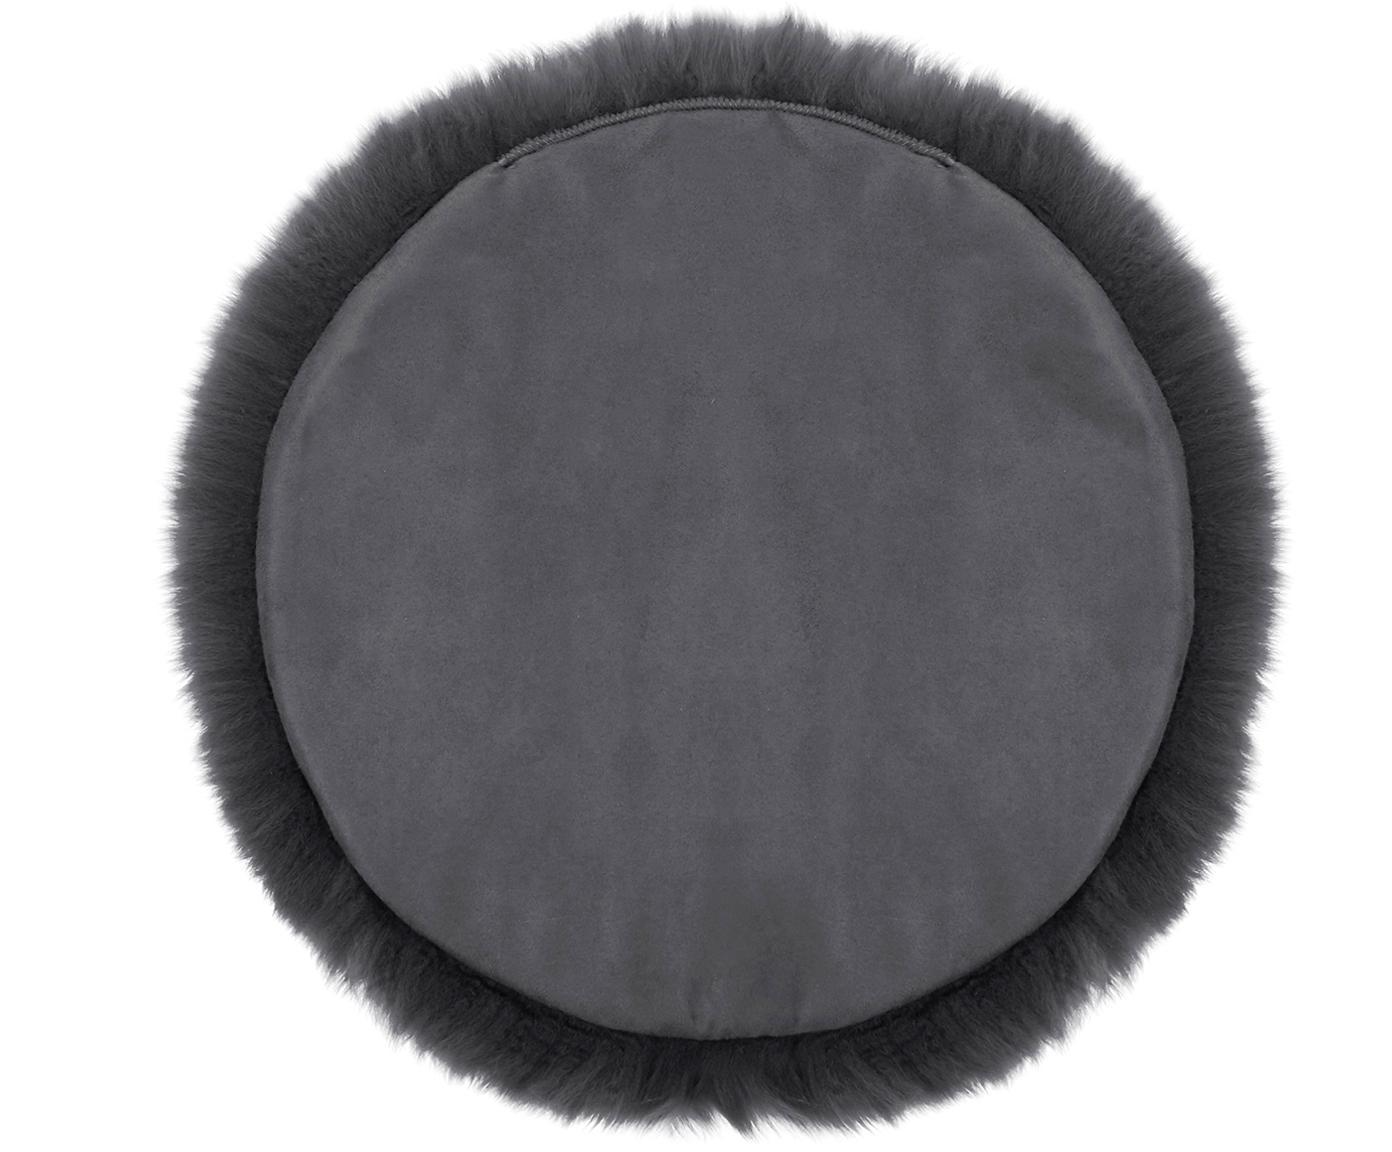 Runde Schaffell-Sitzauflage Oslo, glatt, Flor: 100% Schaffell, Rückseite: 100% Polyester, Dunkelgrau, Ø 37 cm